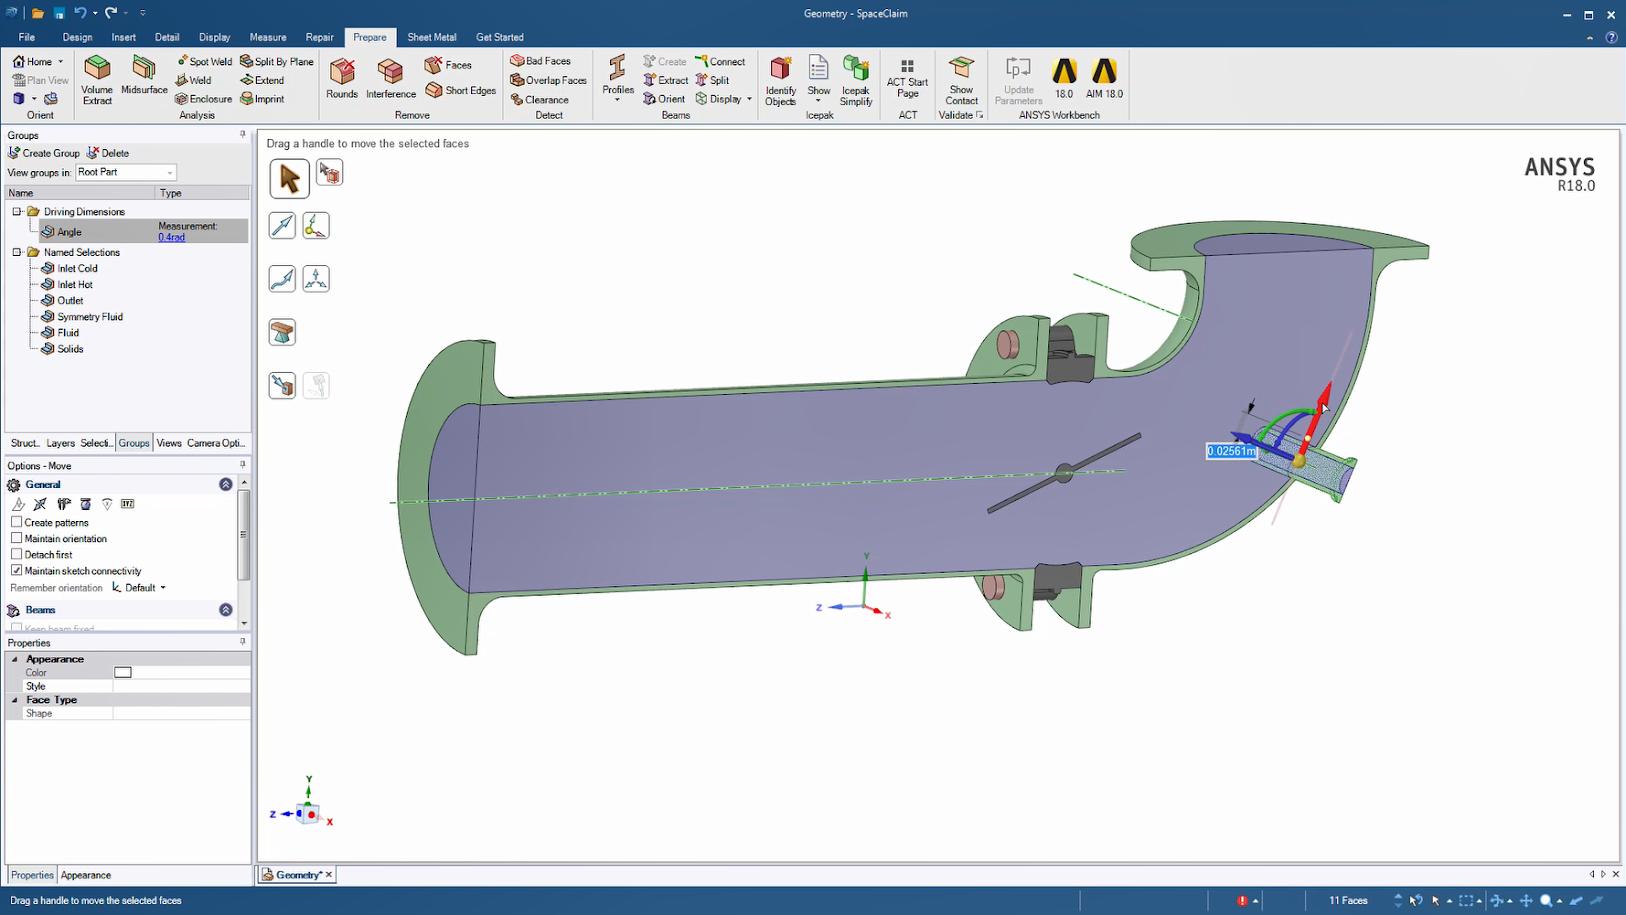 ANSYS SpaceClaim – популярный инструмент для работы с геометрией, который в данном примере используется для непосредственного изменения угла присоединения входного патрубка расходомера и создания соответствующей расчётной области жидкой среды